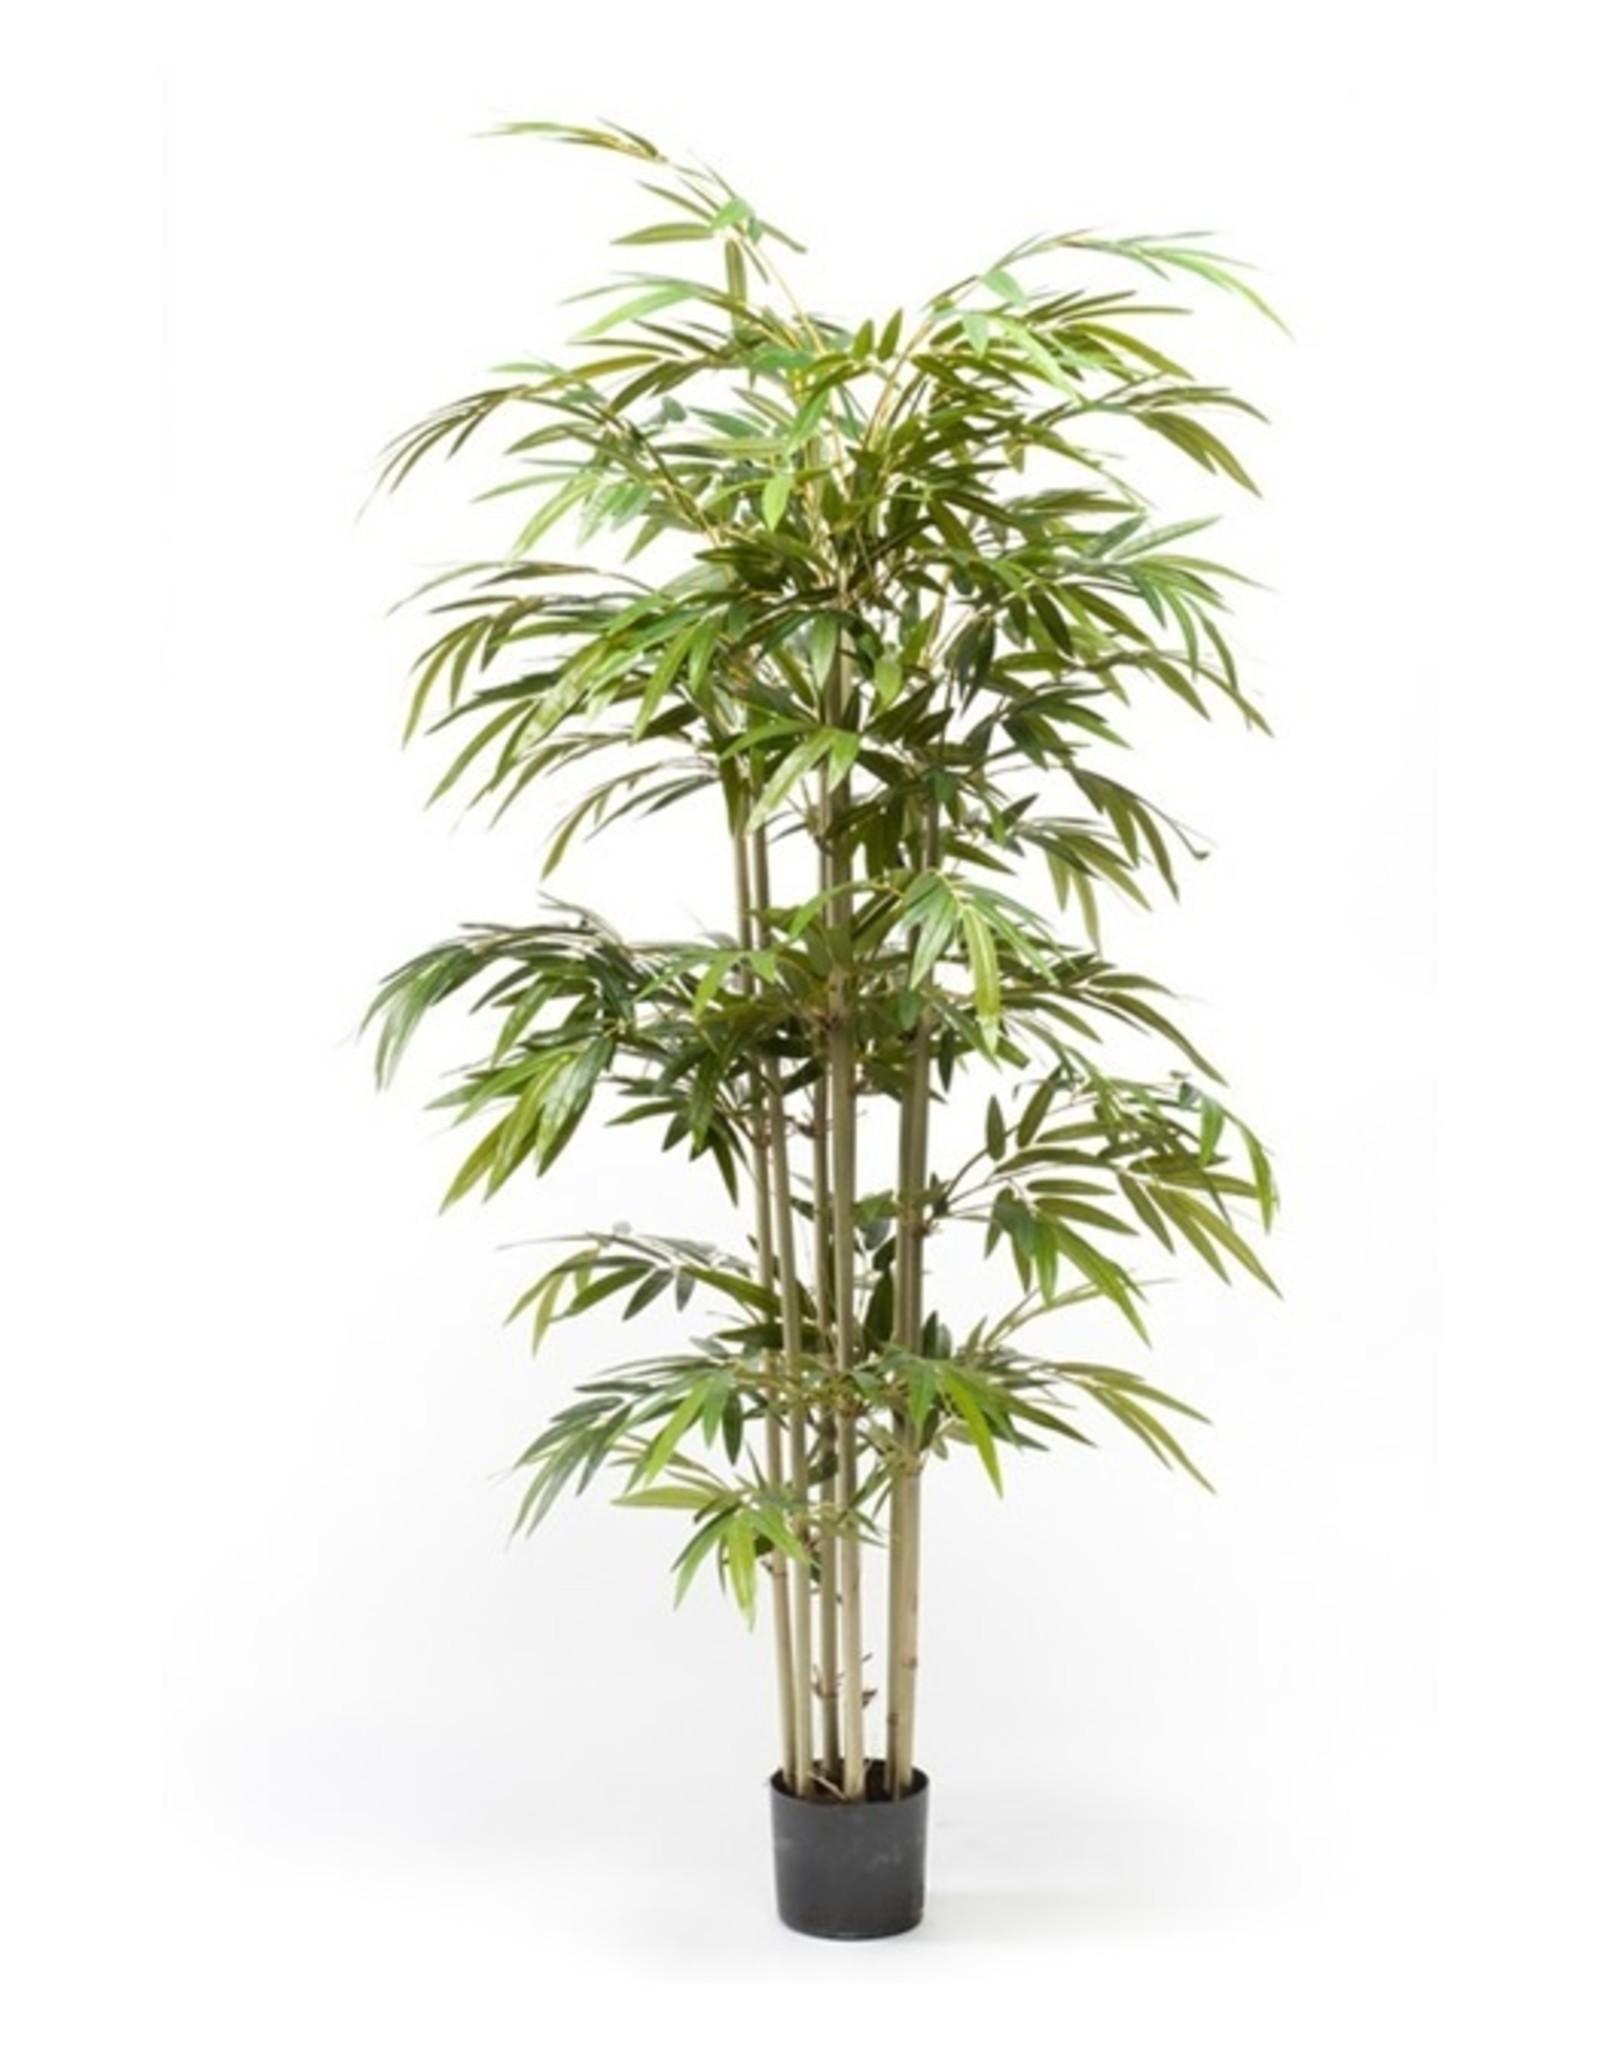 Emerald Eternal Green Bamboo 150 cm